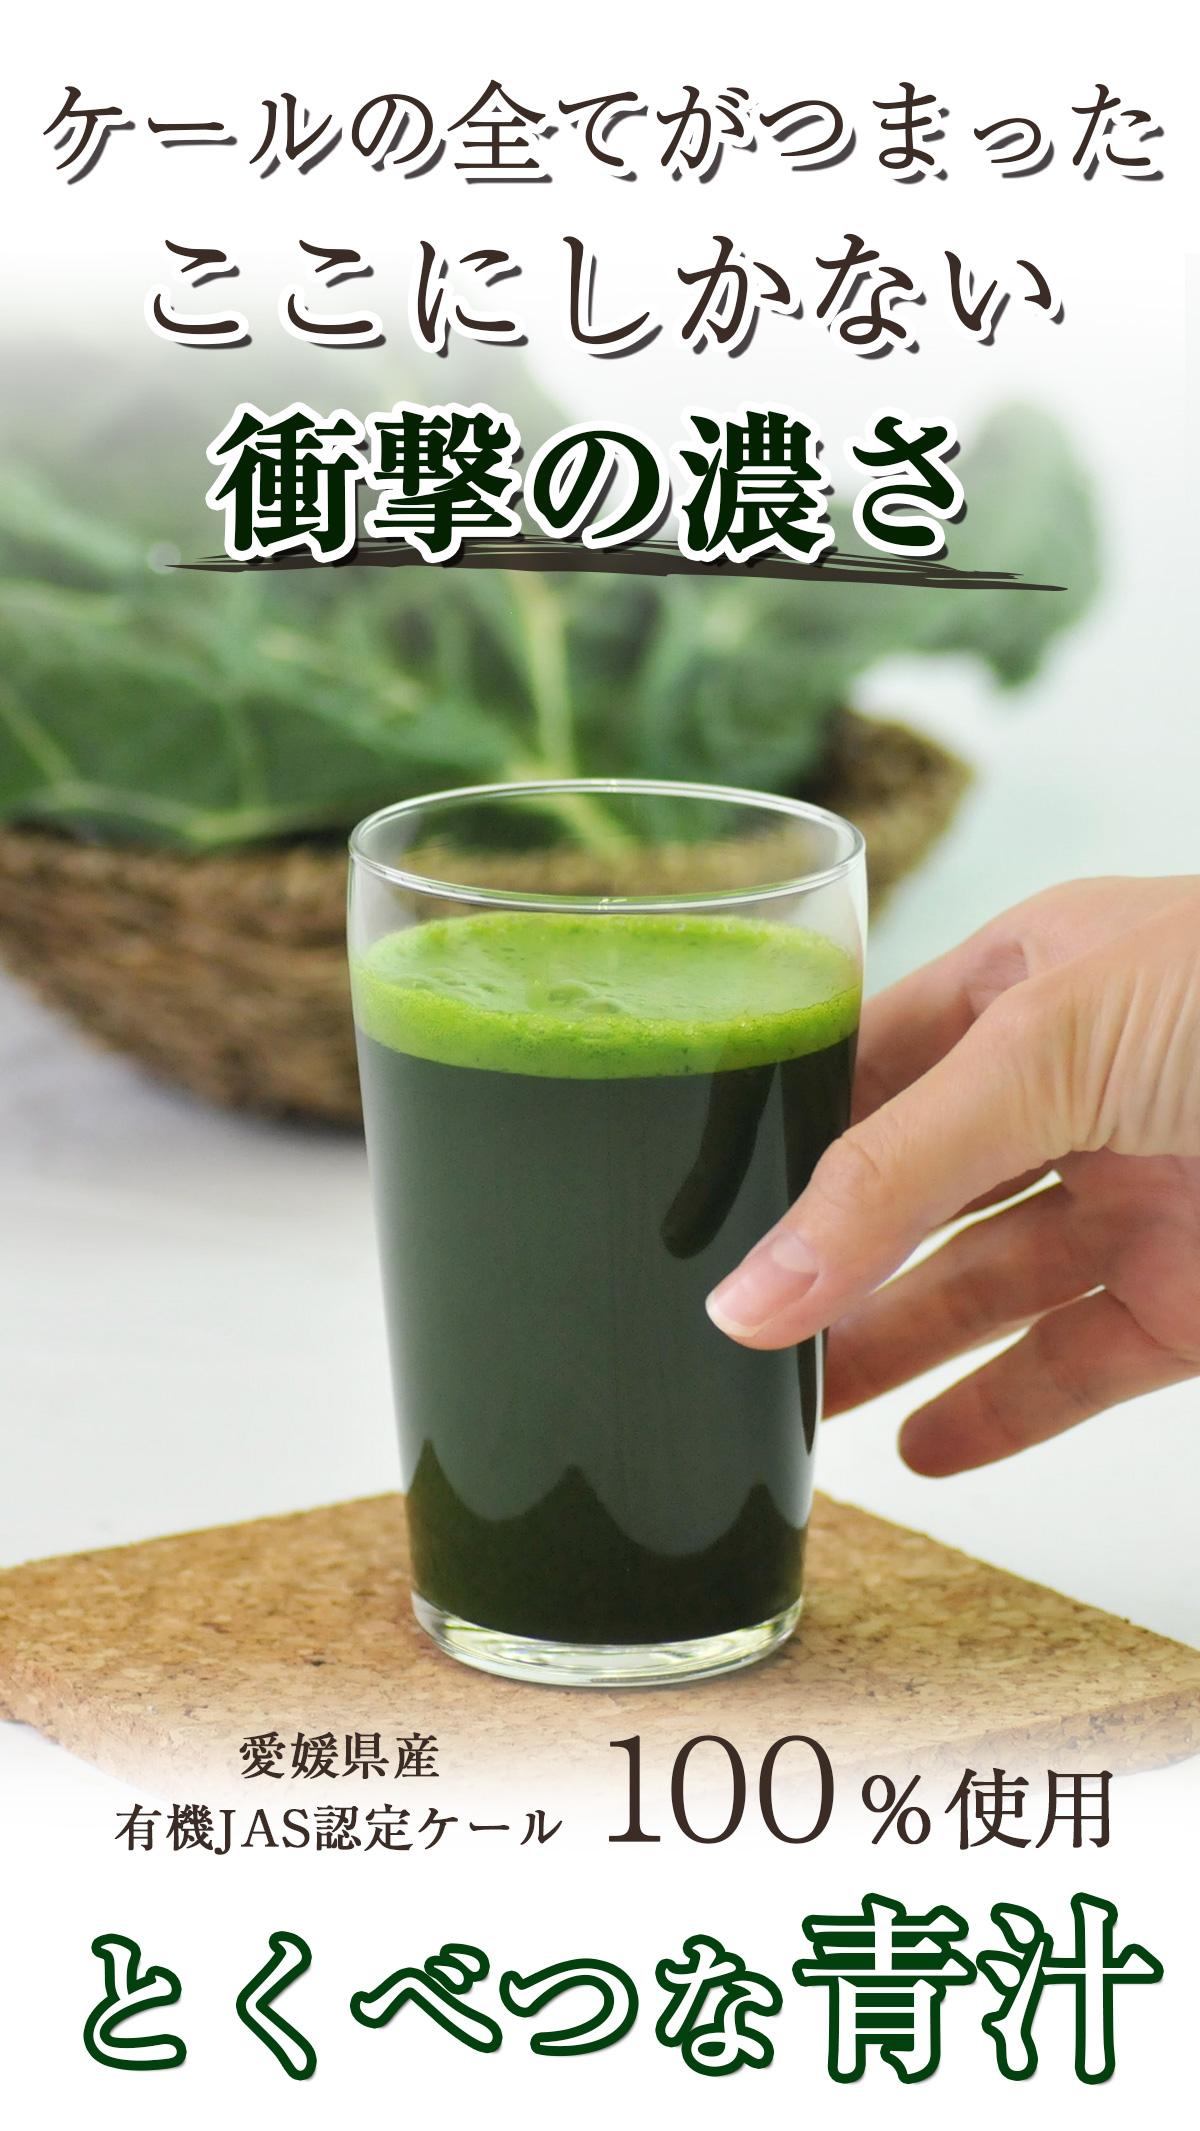 愛媛県産有機JAS認定ケールとくべつな青汁